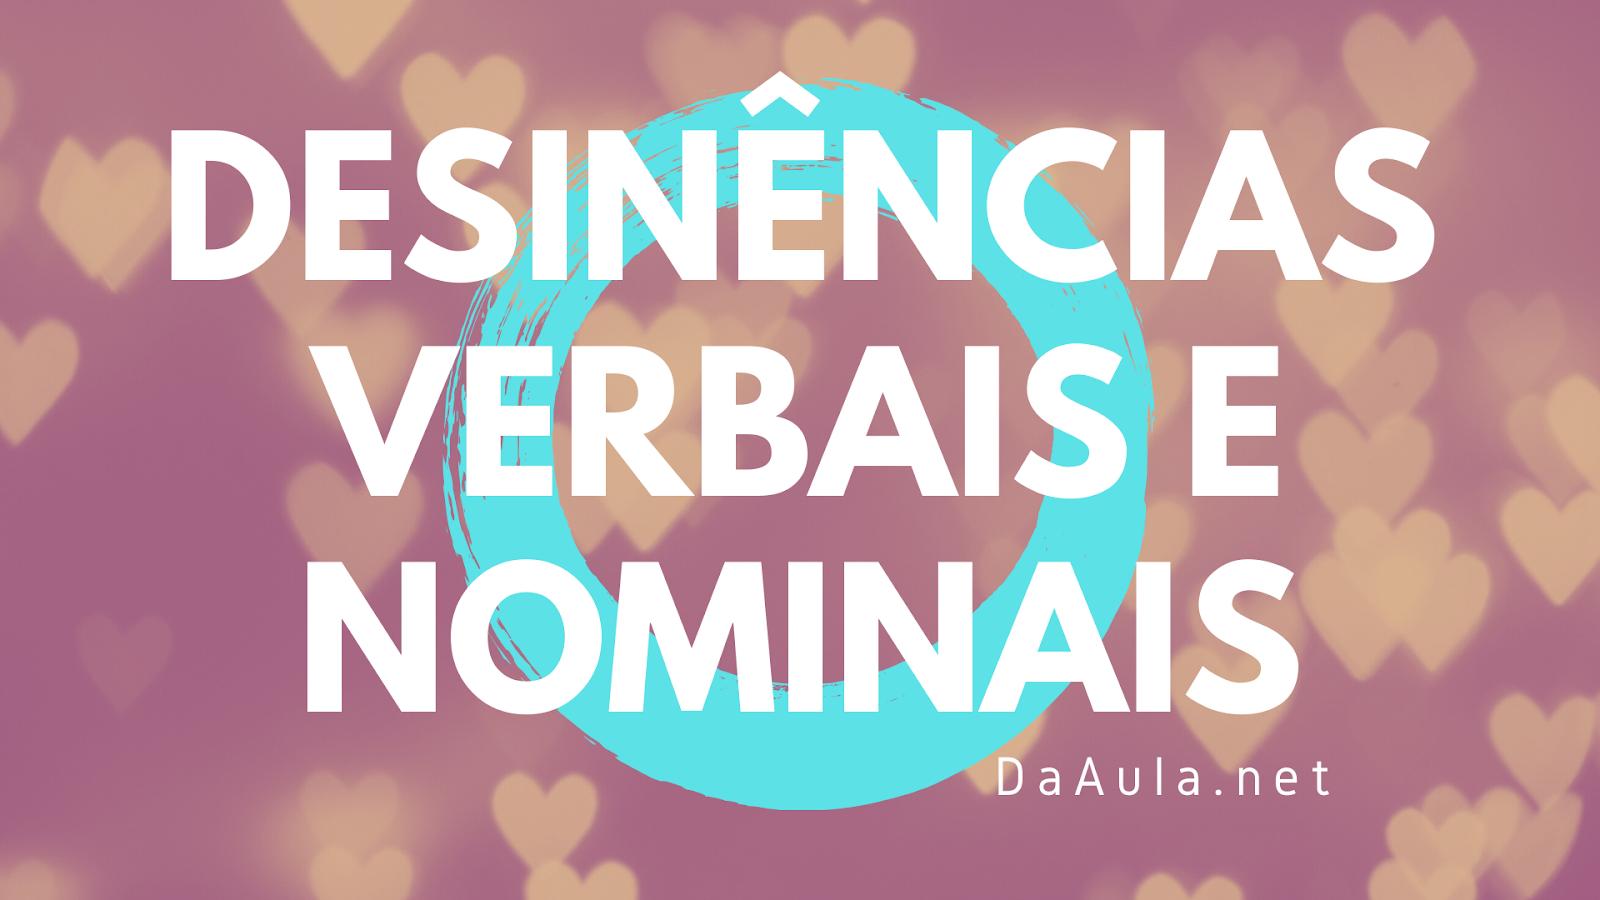 Língua Portuguesa: O que são Desinências Verbais e Nominais